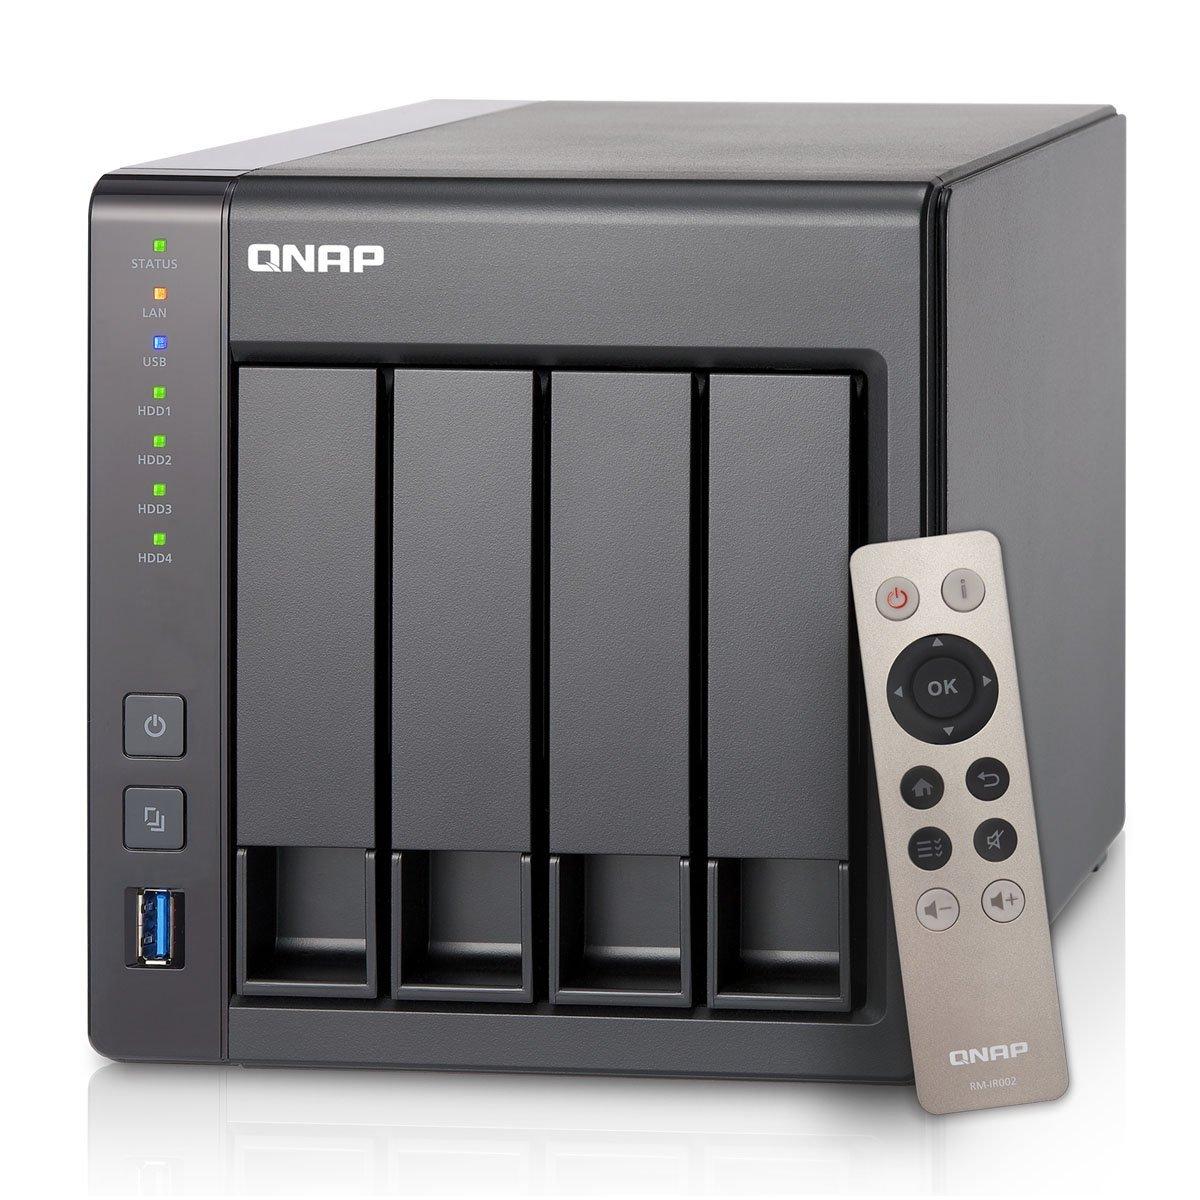 QNAP TS-451+ 4-Bay Personal Cloud NAS $409AC@NF